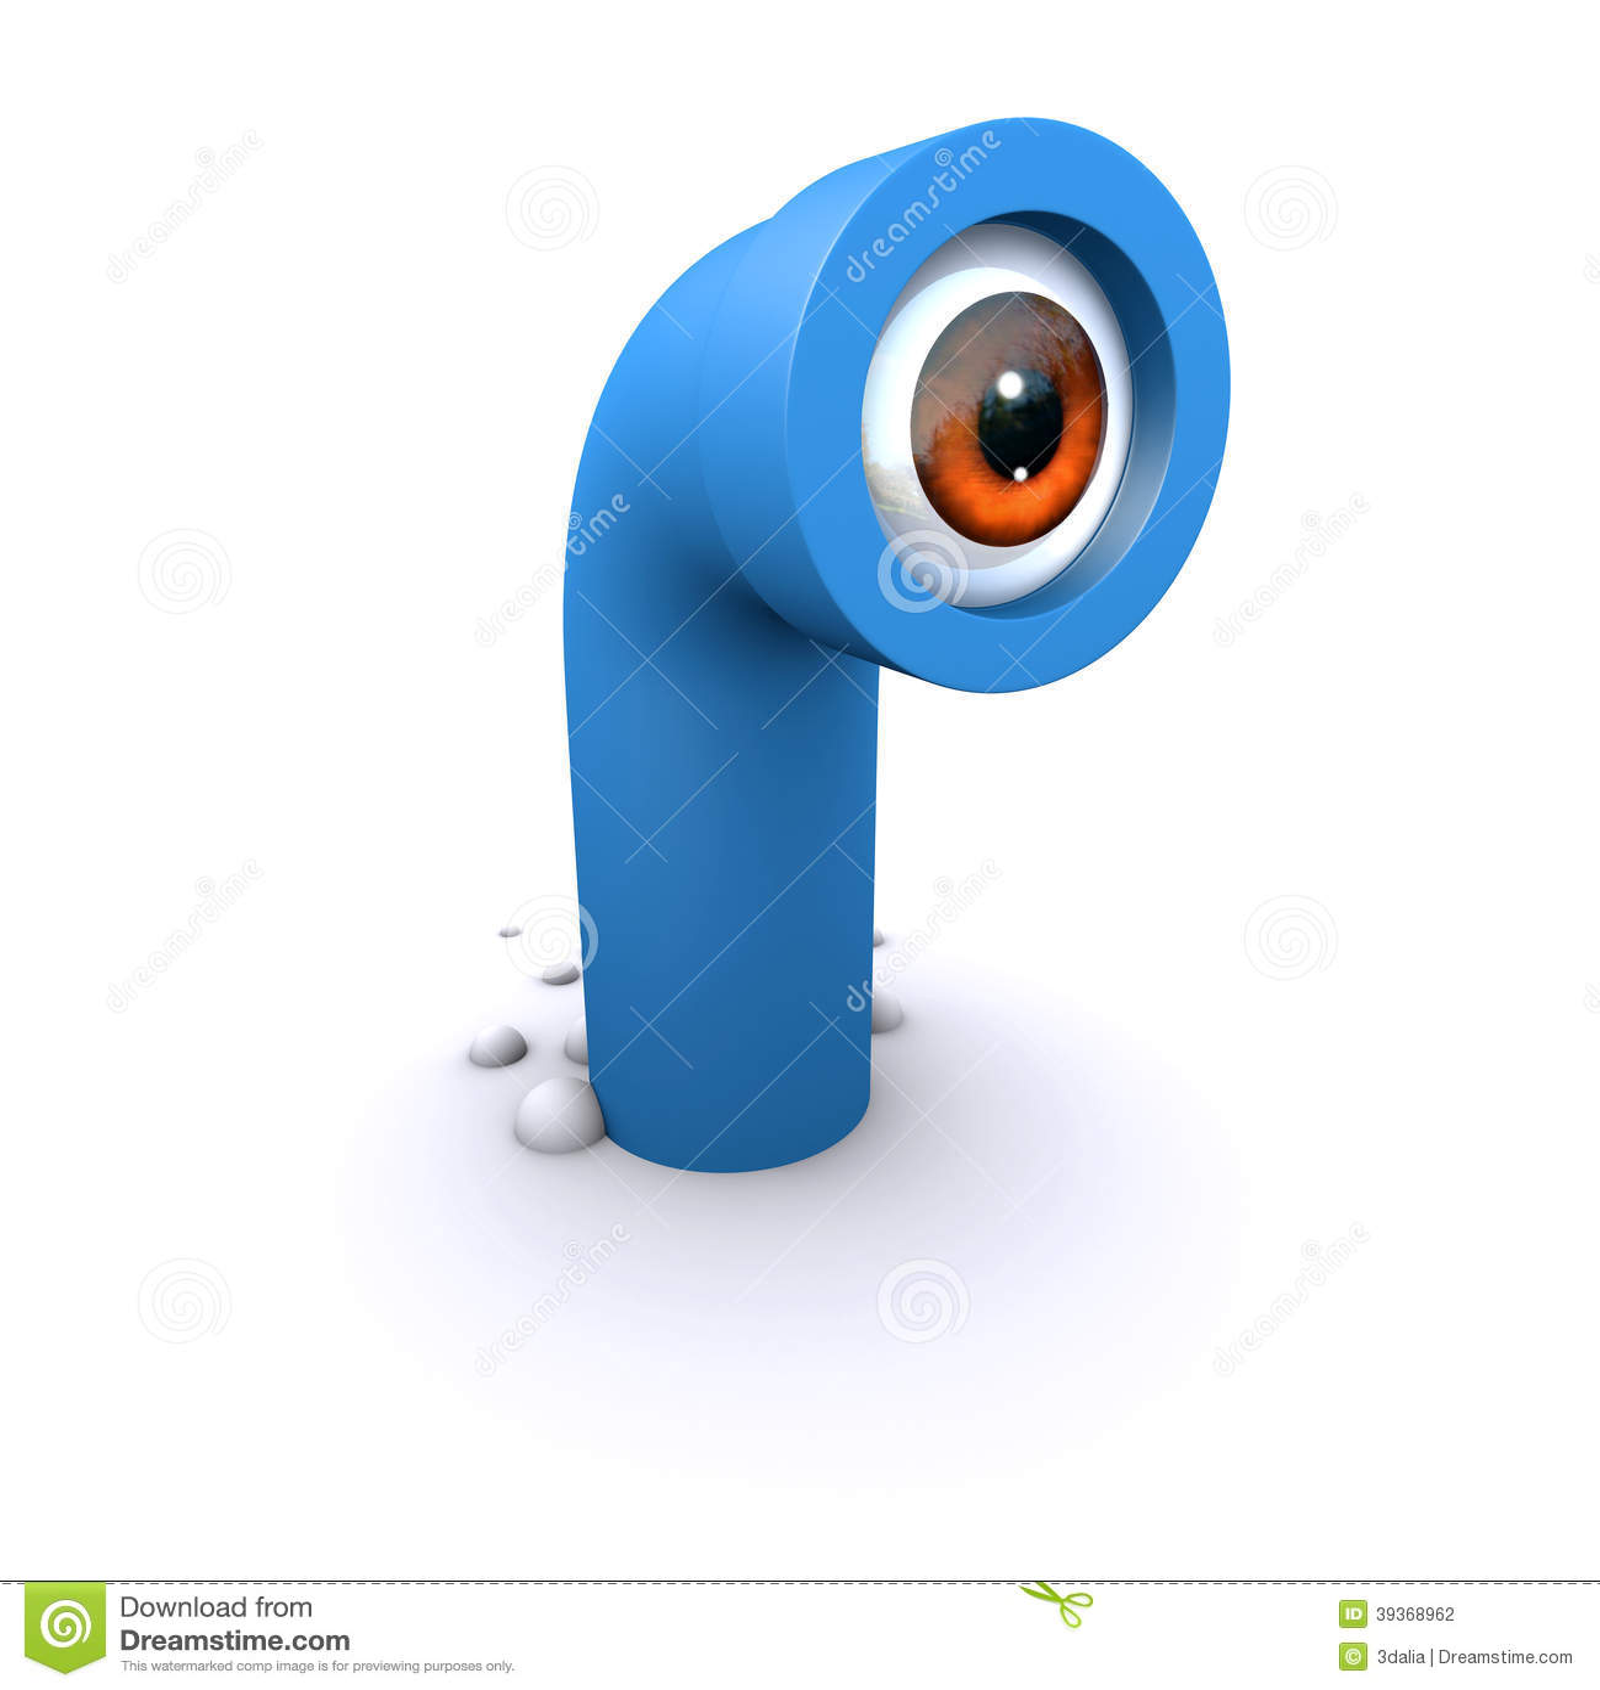 το τρισδιάστατο περισκόπιο δεν εμφανίζεται από πουθενά